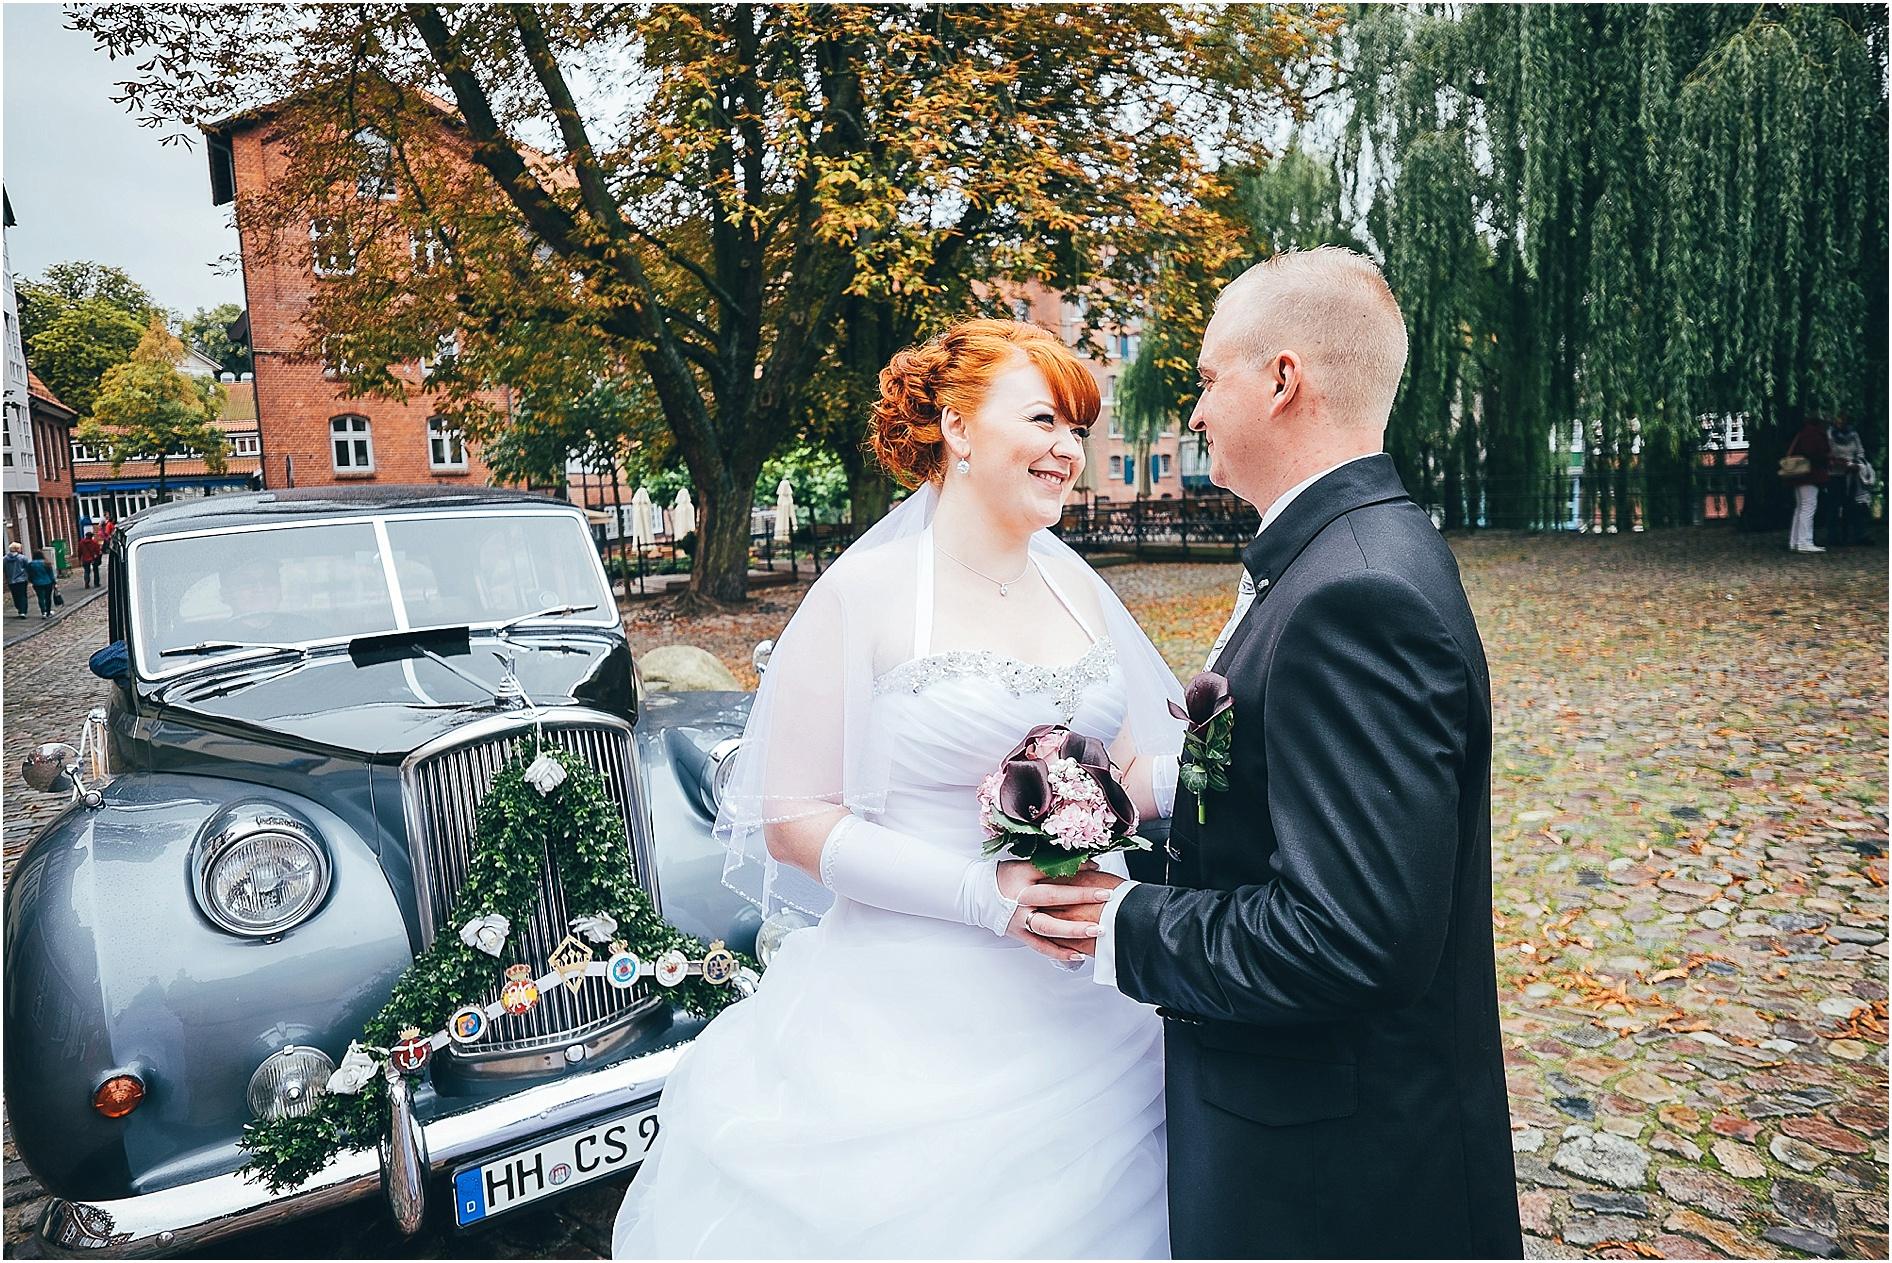 2014-11-20_0054 Lora & Daniel - Als Hochzeitsfotograf in Lüneburg